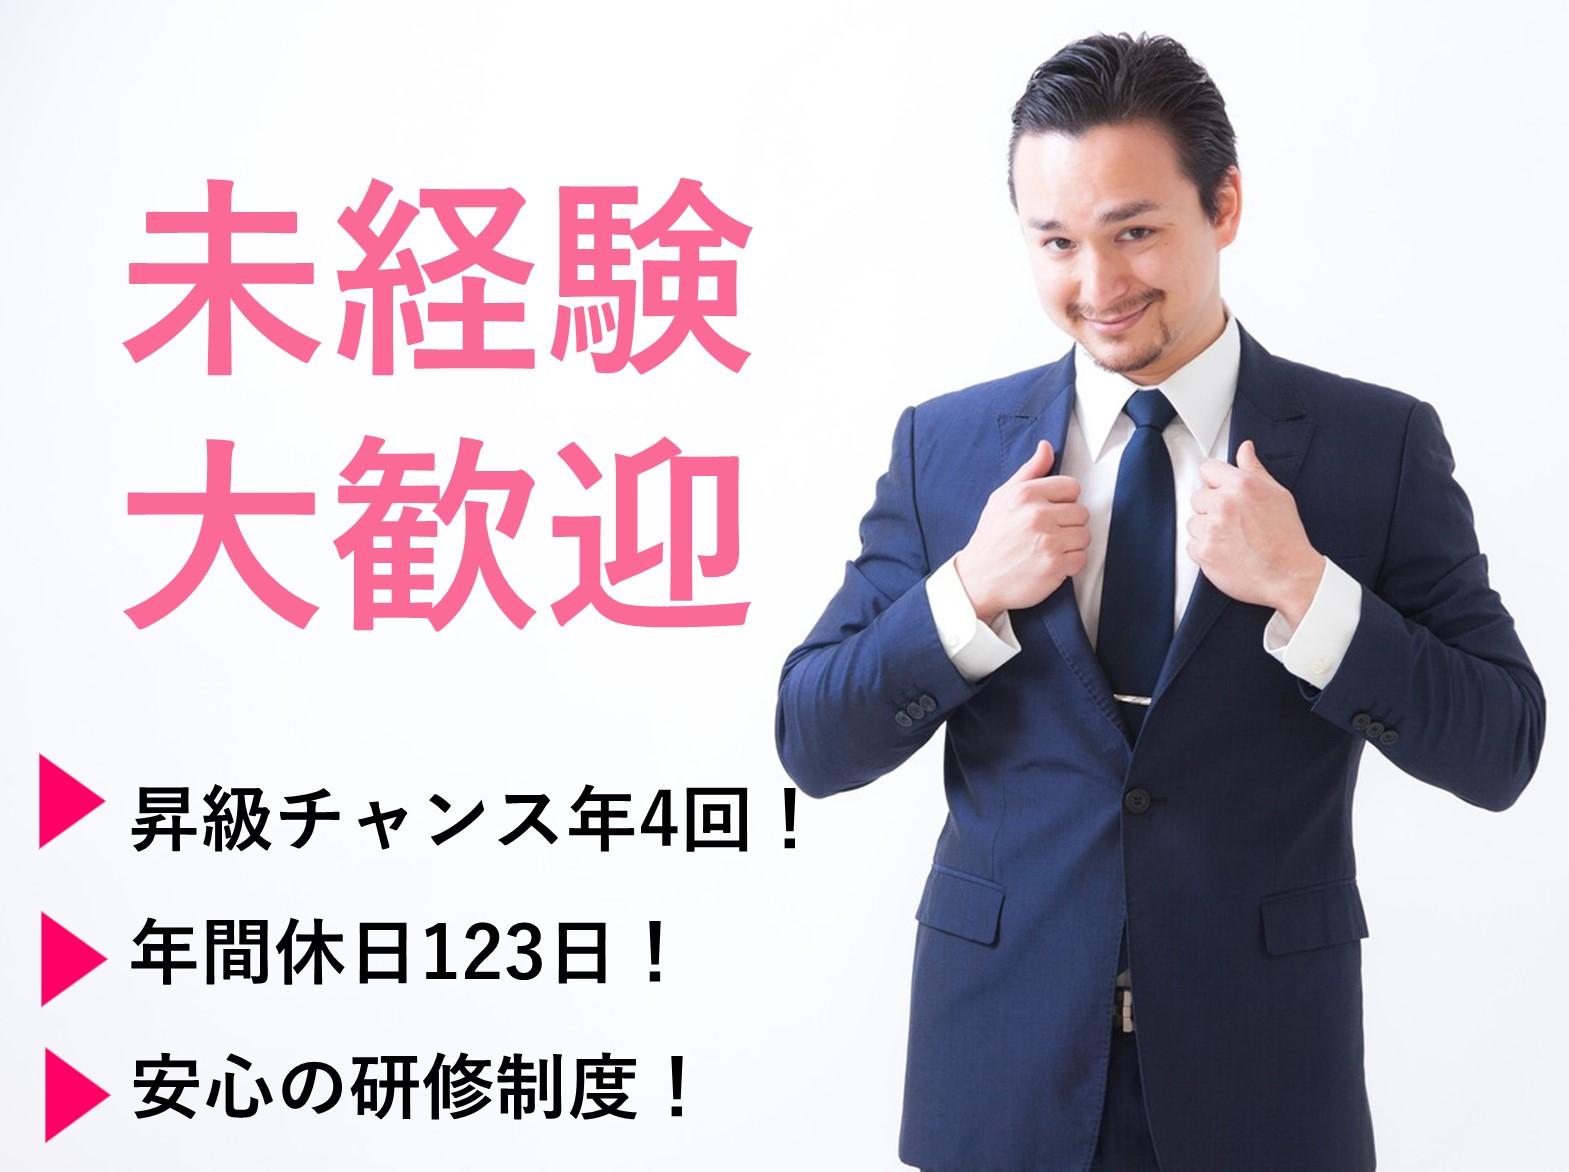 急募【正社員】年休123日!昇進年4回!エリアマネジャー候補店舗運営スタッフ イメージ